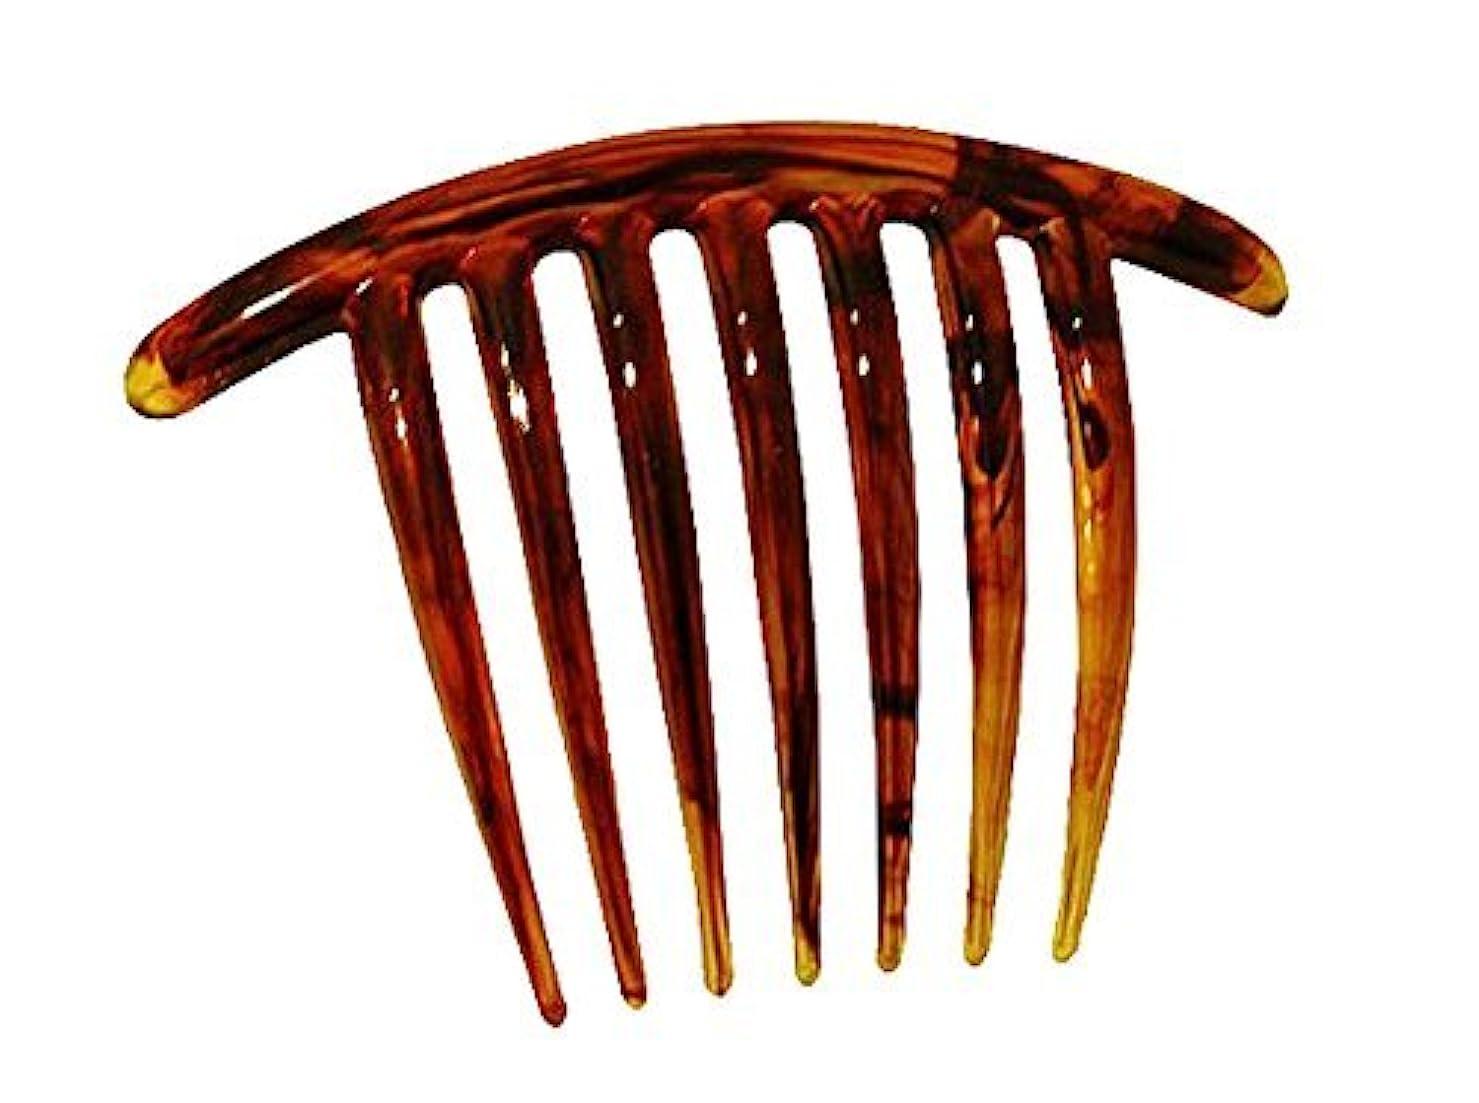 メイトきらめきキャプチャーFrench Twist Comb (set of 5) in Tortoise Shell [並行輸入品]